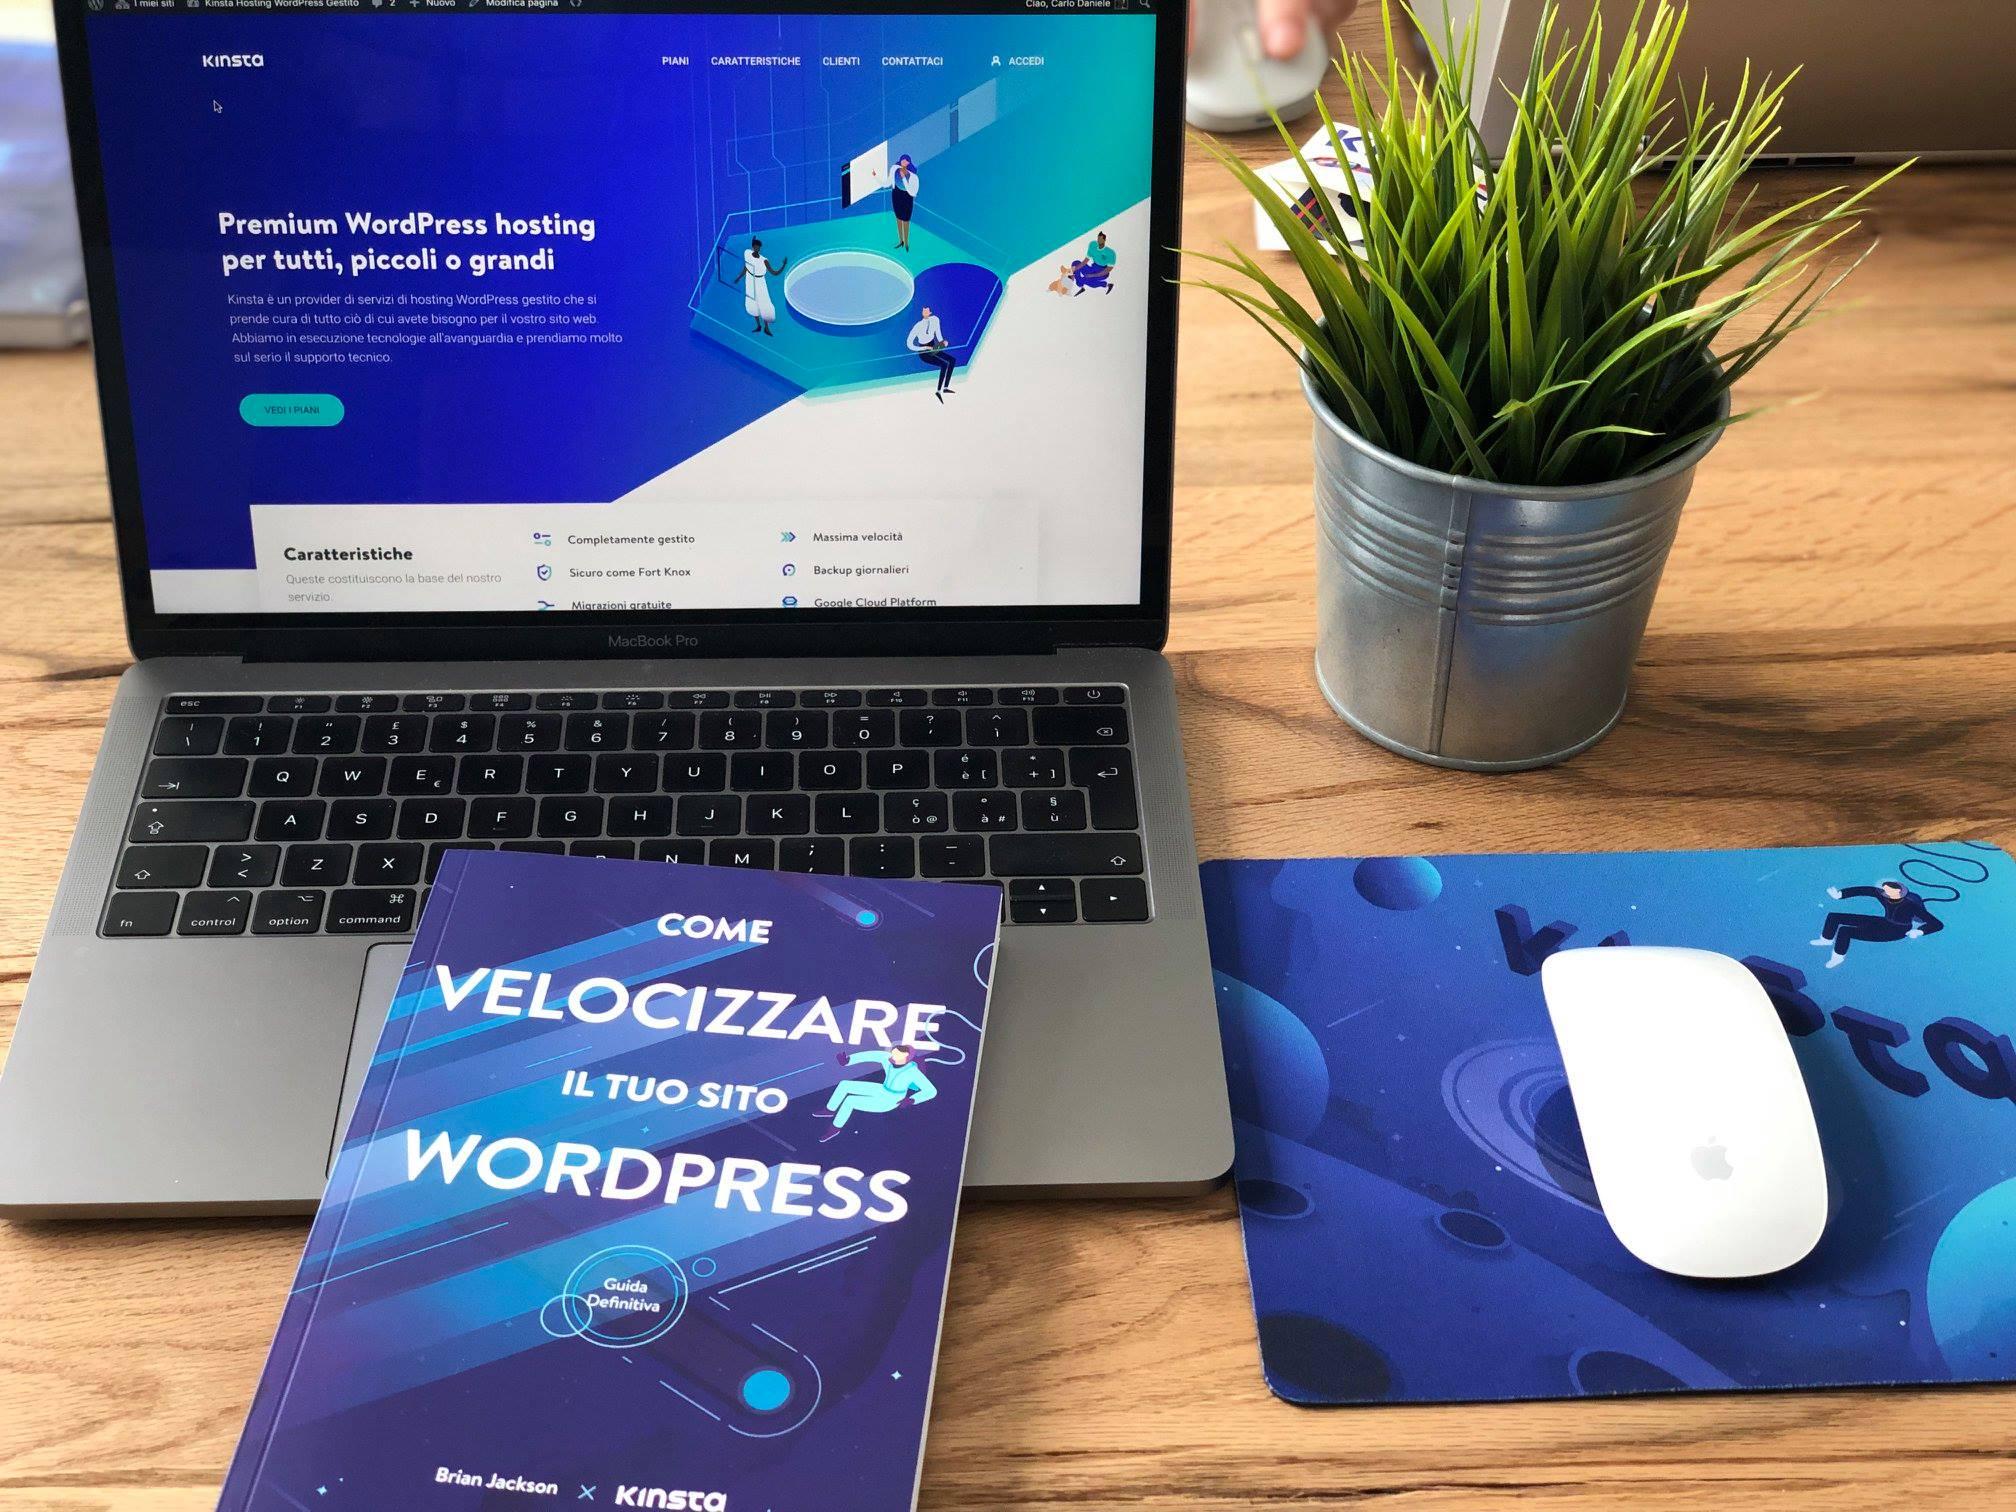 Come Velocizzare il Tuo Sito WordPress. Guida Definitiva